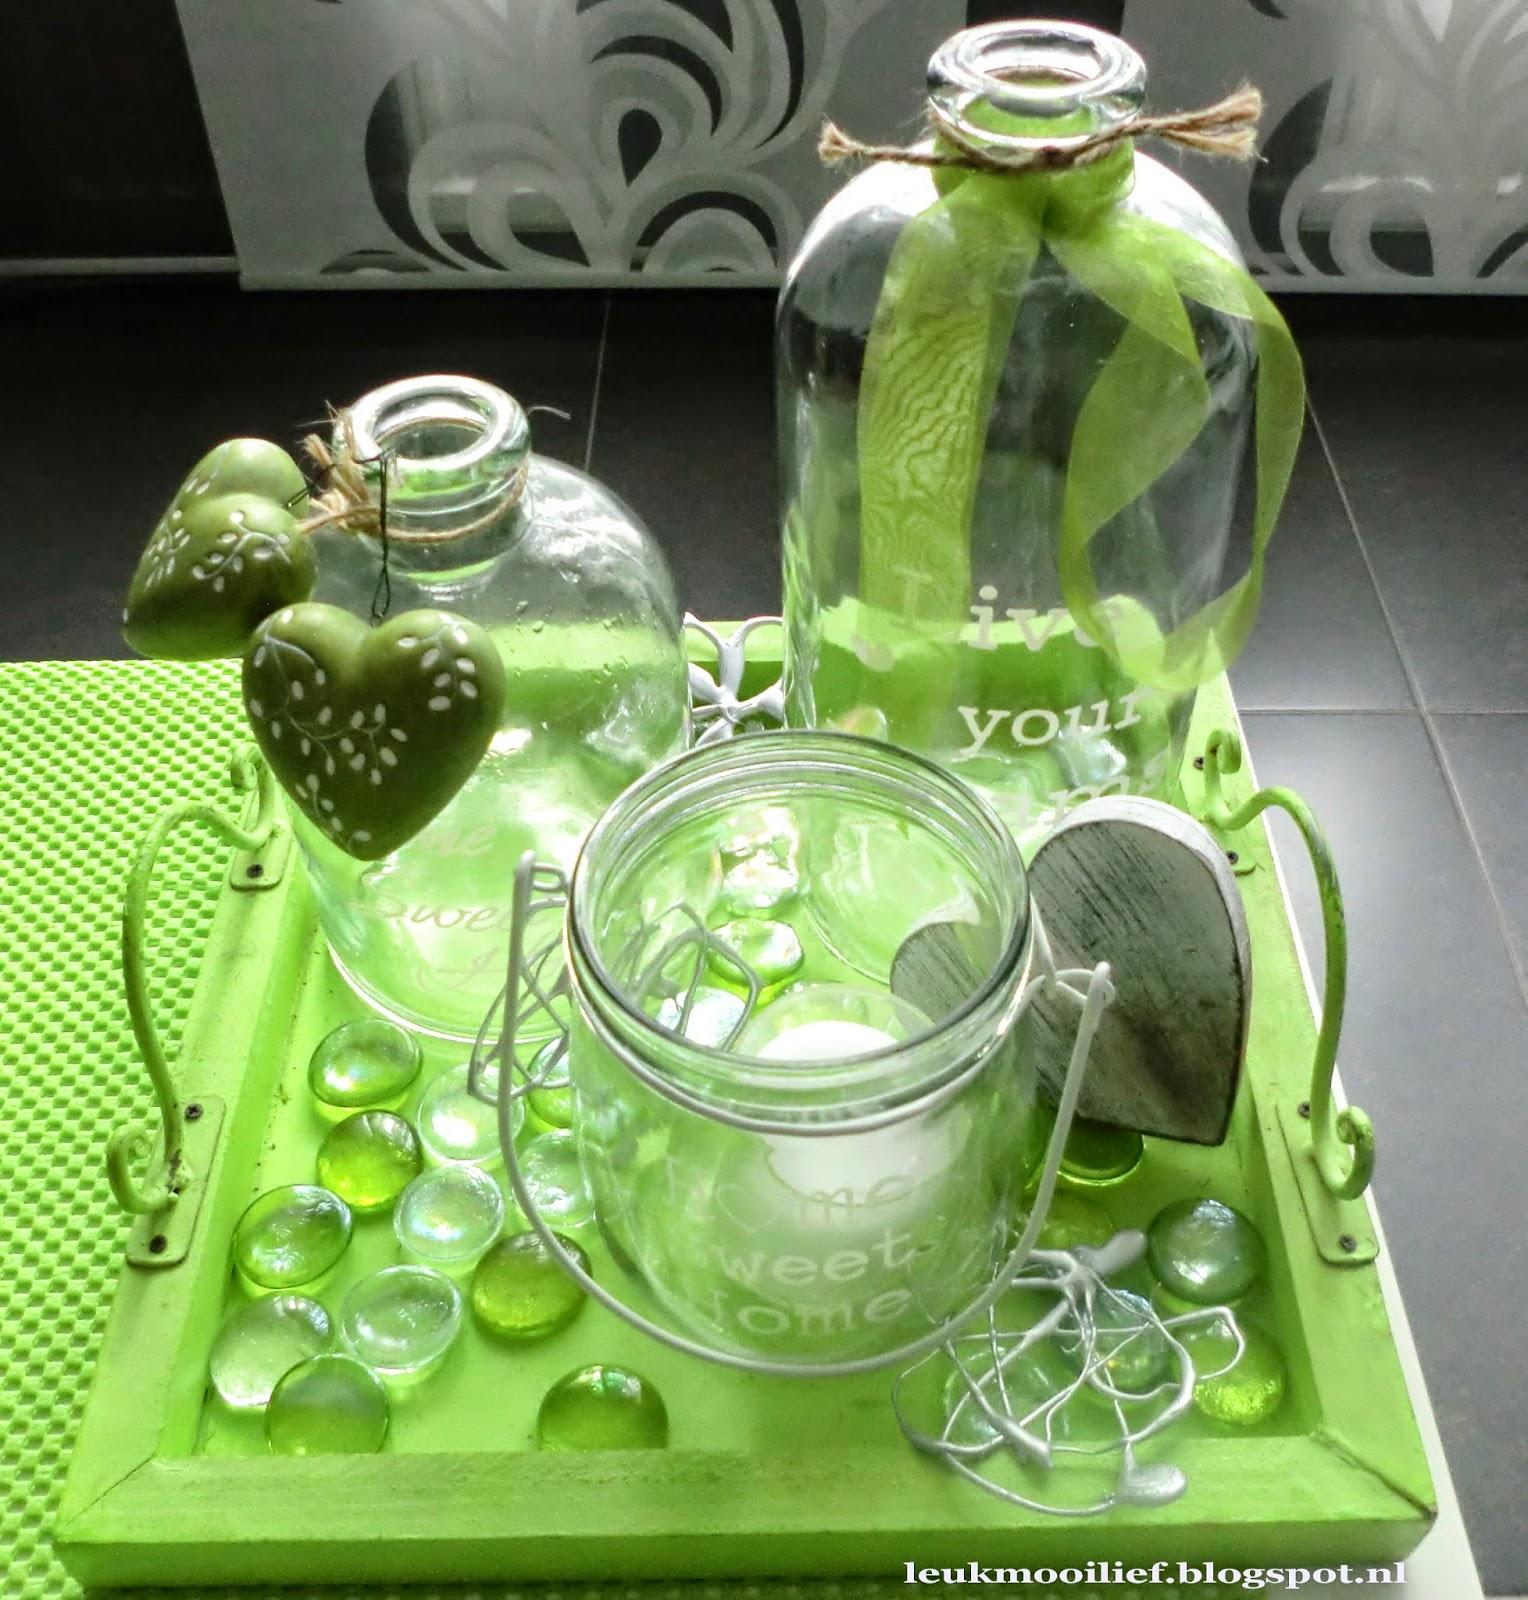 Leuk mooi lief decoratie variatie for Decoratie spullen